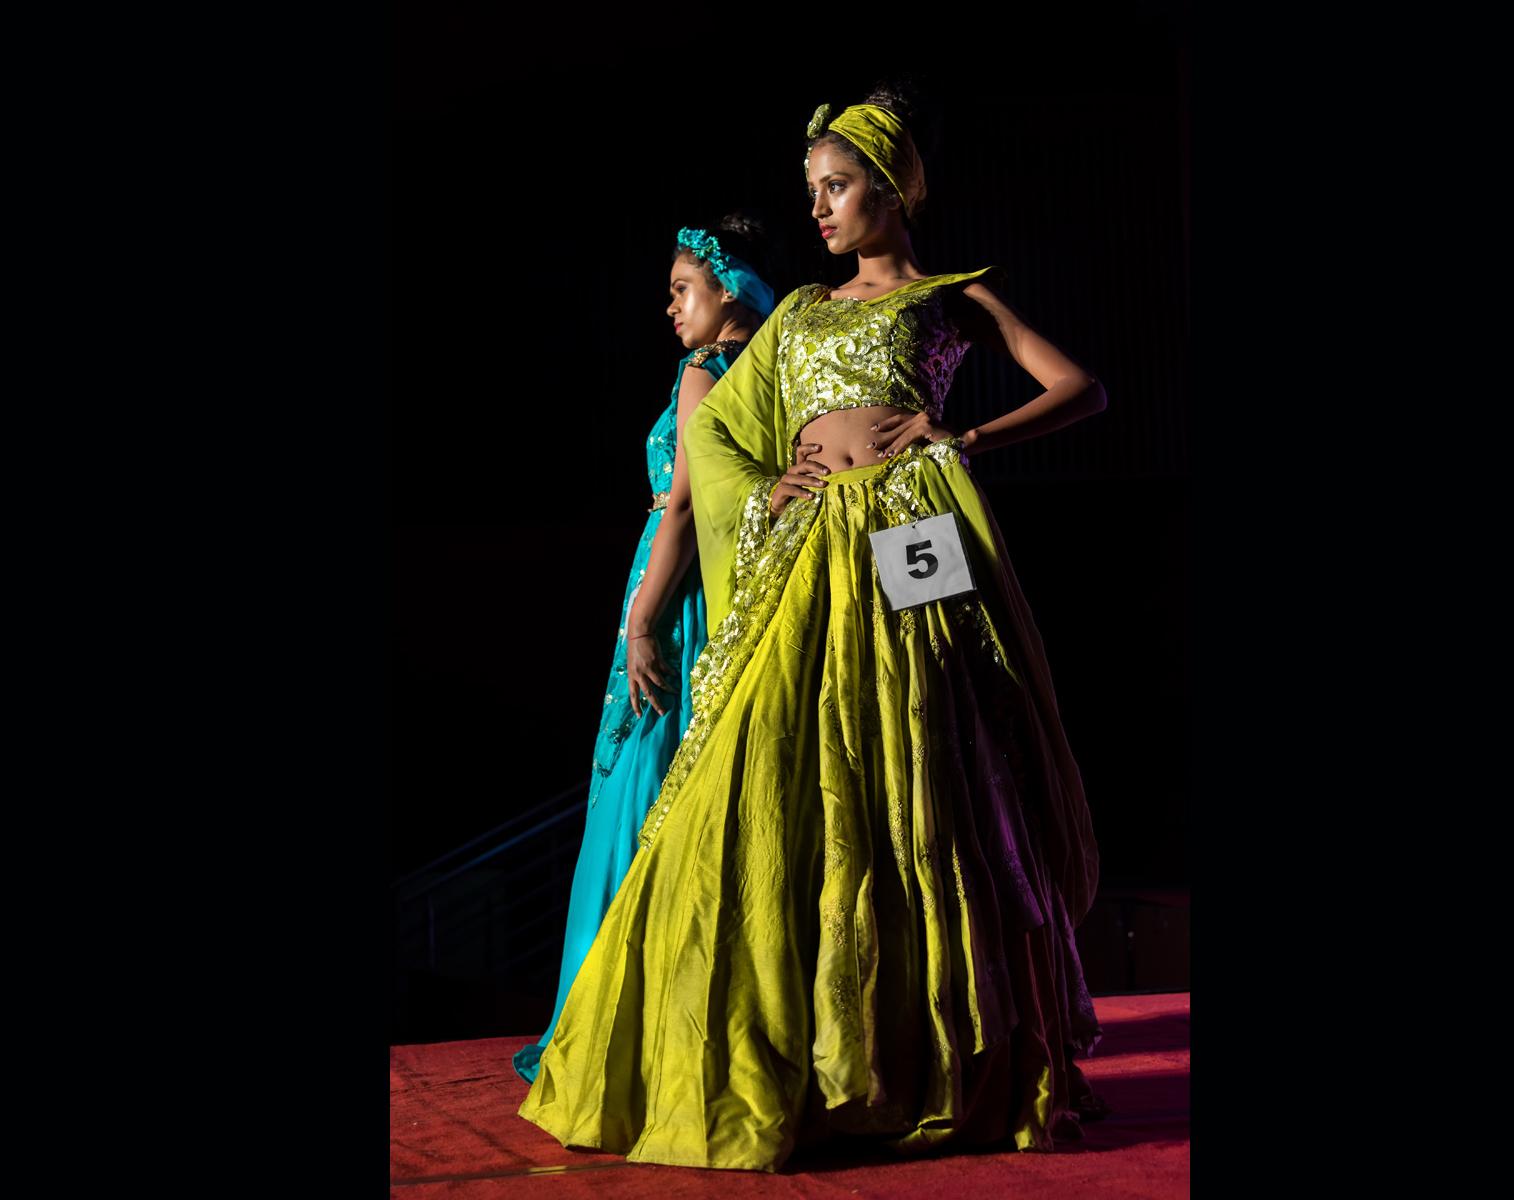 'जेआरव्हीजीटीआय'मध्ये फॅशन शो